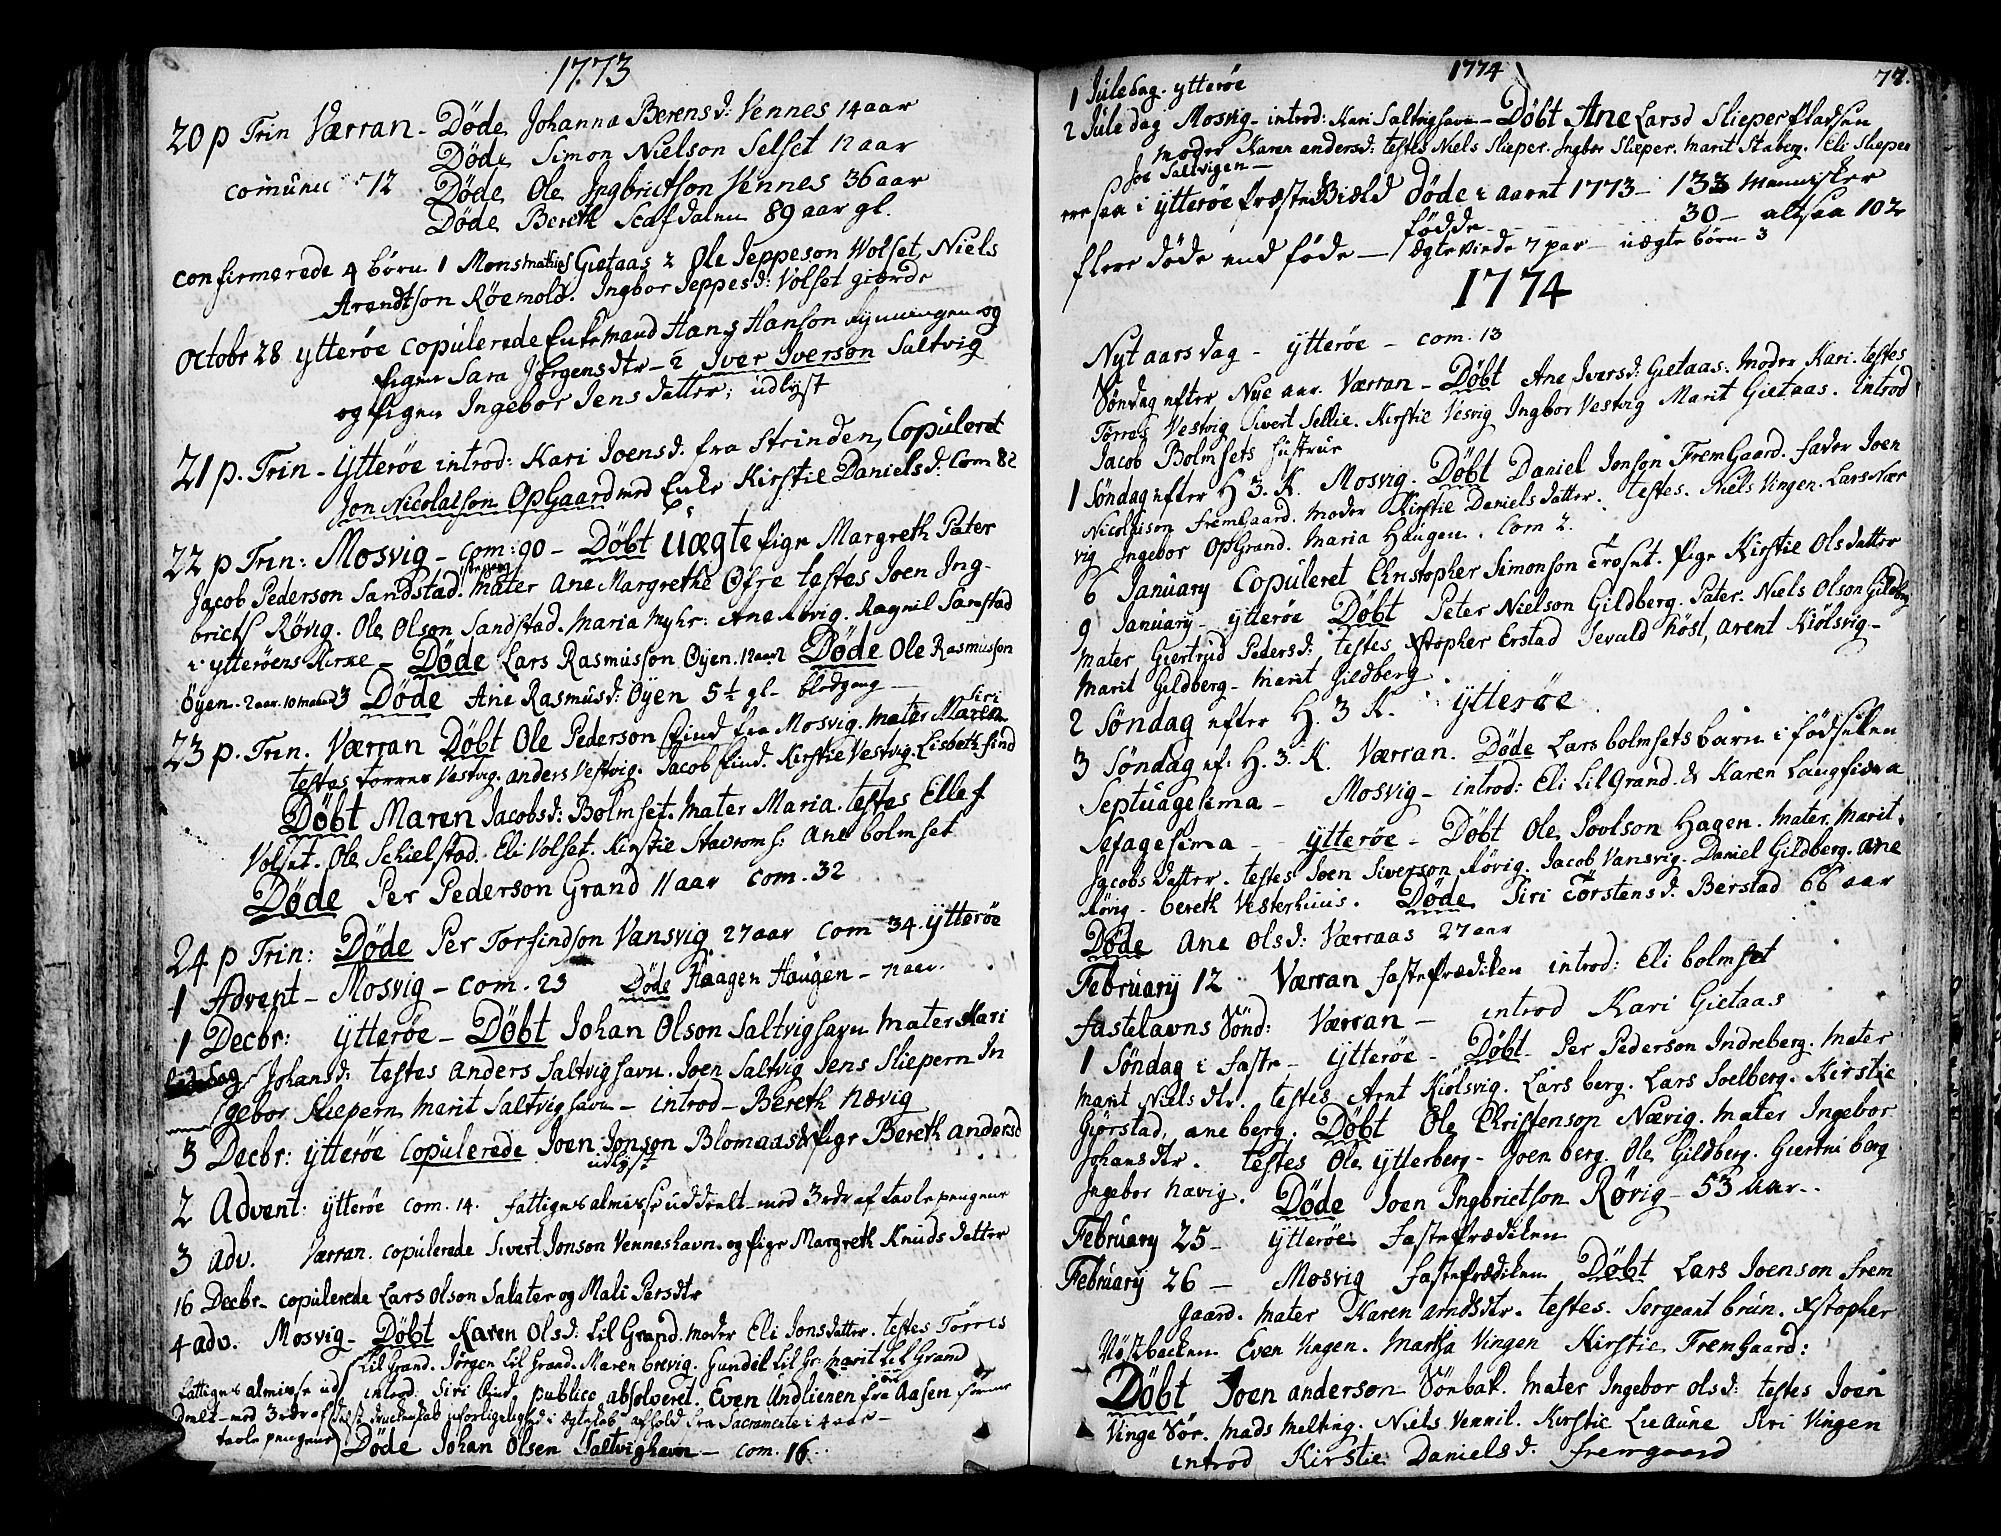 SAT, Ministerialprotokoller, klokkerbøker og fødselsregistre - Nord-Trøndelag, 722/L0216: Ministerialbok nr. 722A03, 1756-1816, s. 77